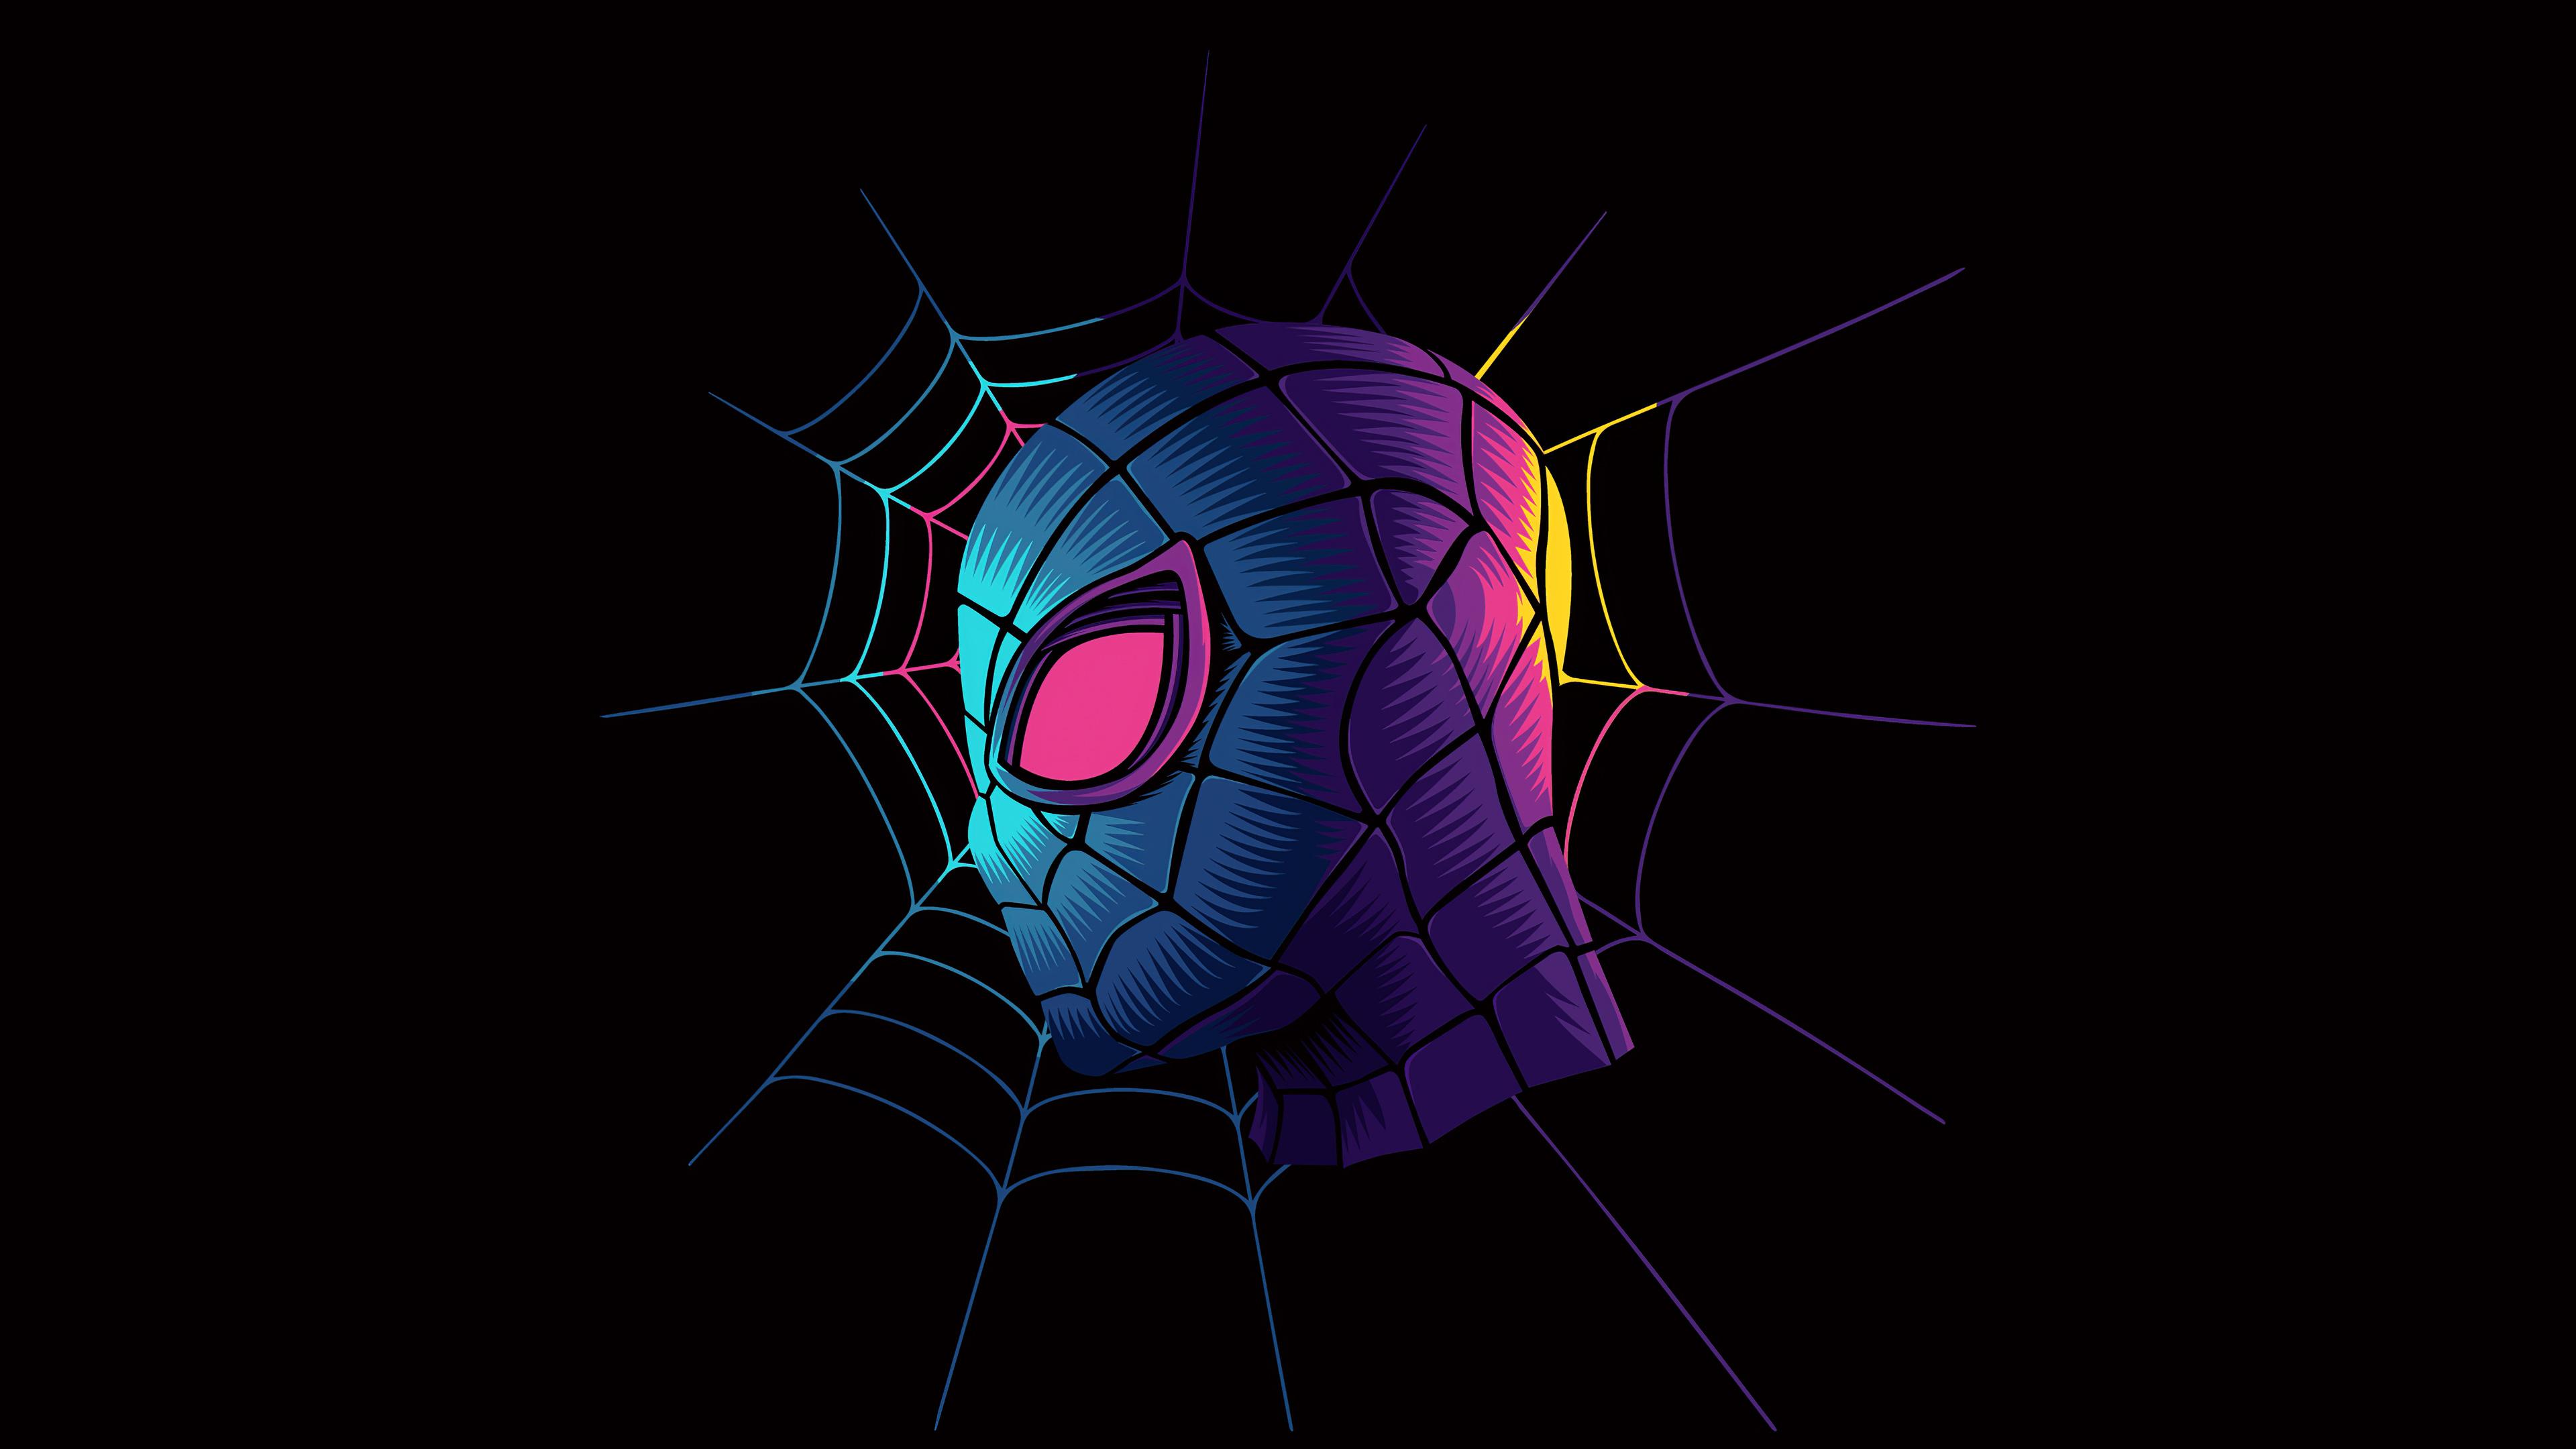 3840x2160 Spiderman Web Minimalist Art 4k 4k HD 4k ...